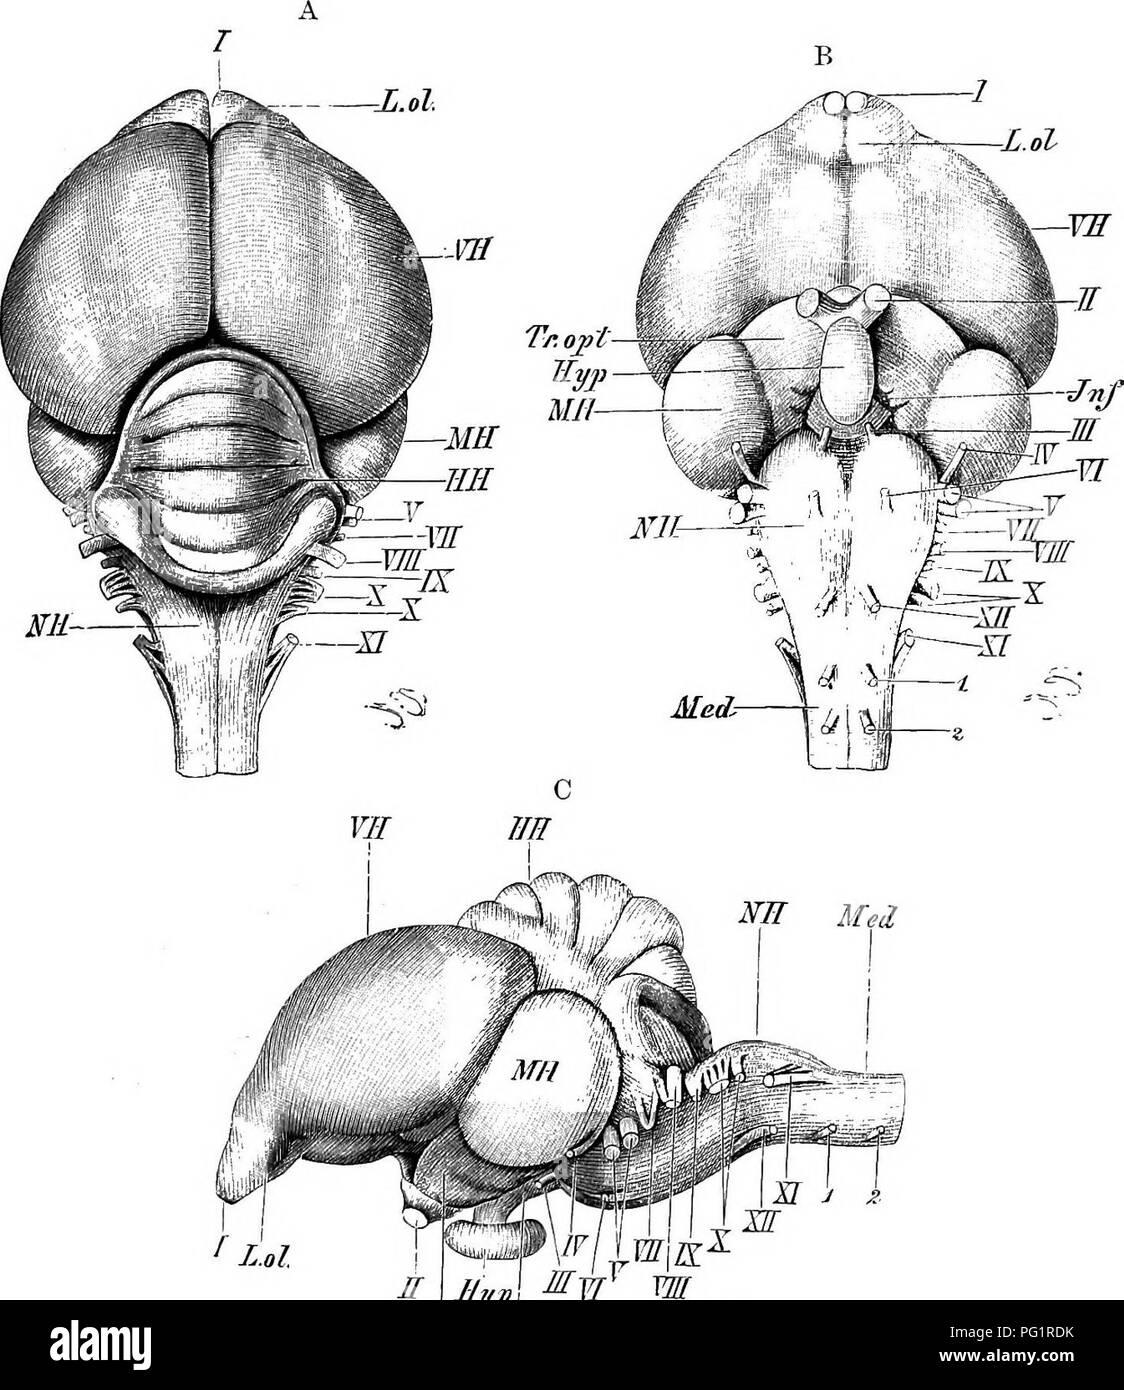 Encantador Vertebrados Comparativo Notas Anatomía De Conferencia ...